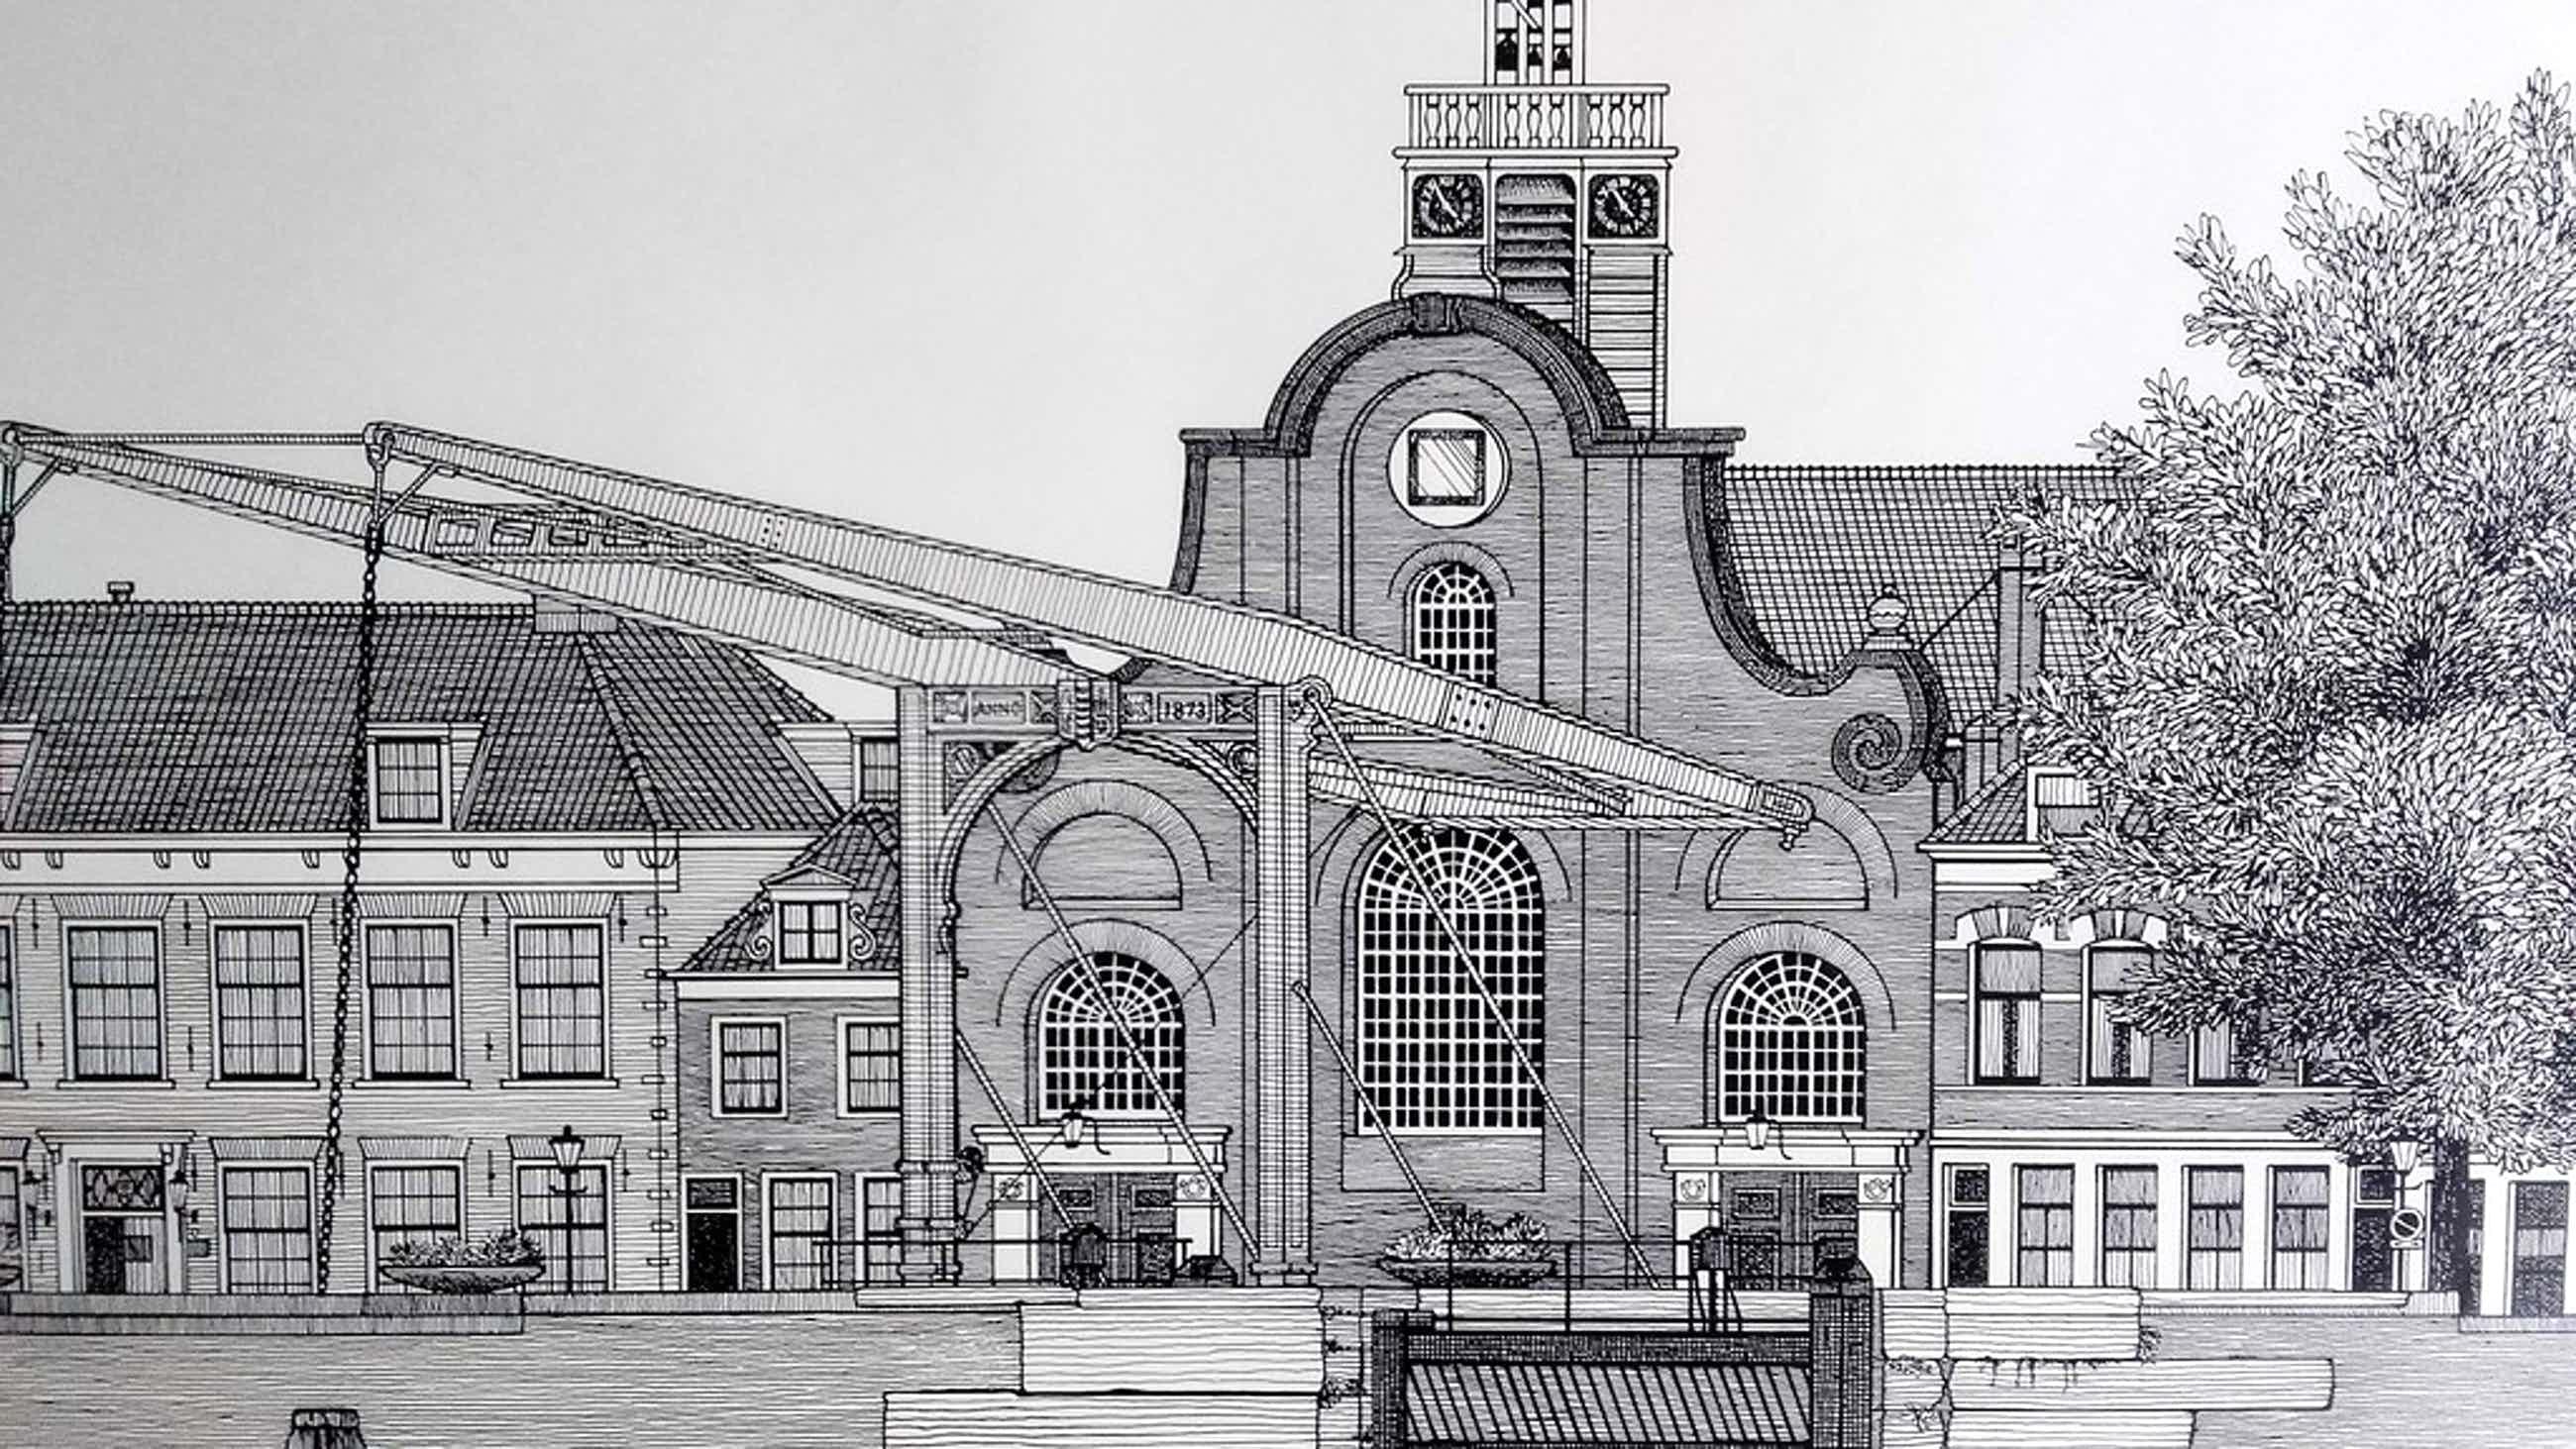 Sees Vlag  - Delfshaven Rotterdam - Zeefdruk - Gesigneerd 1979 kopen? Bied vanaf 56!